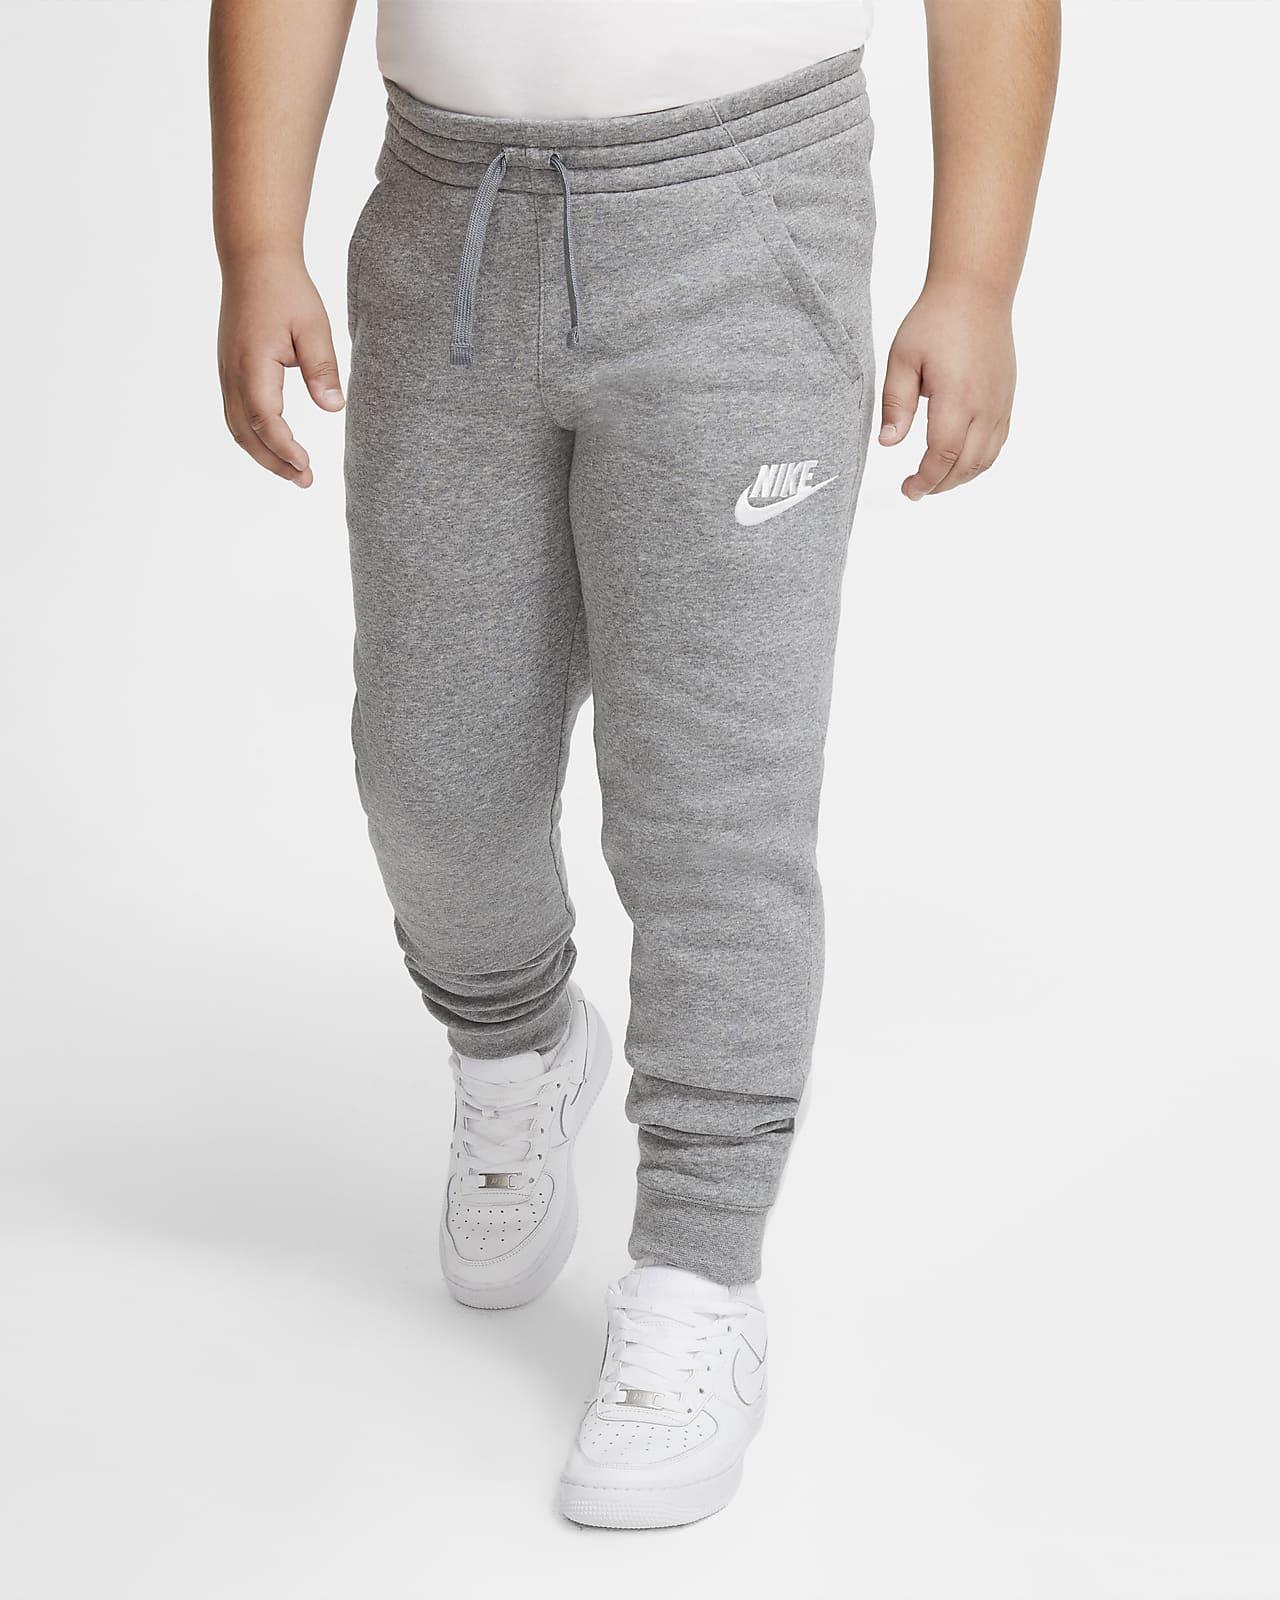 Nike Sportswear Club Fleece Older Kids' (Boys') Joggers (Extended Size)